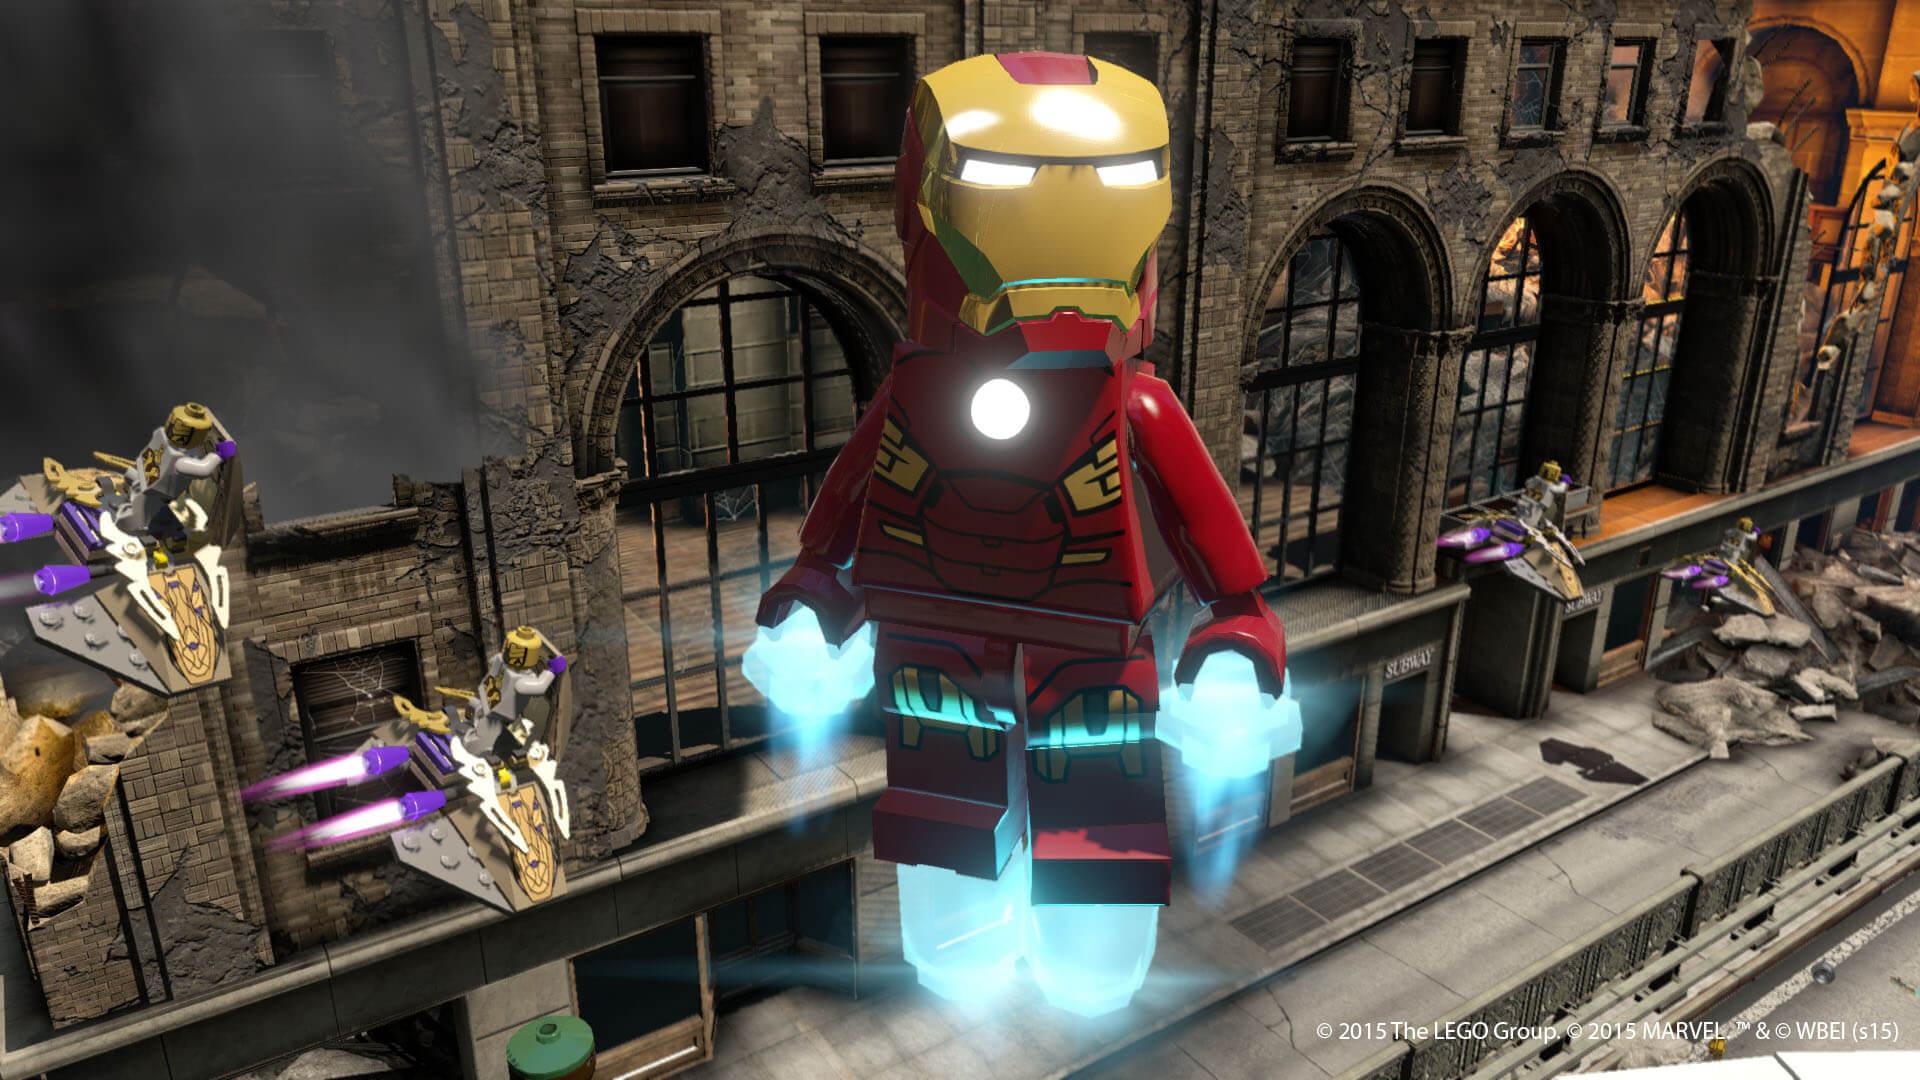 Lego Jurassic World, Lego Marvel's Avengers confirmed • Eurogamer ...